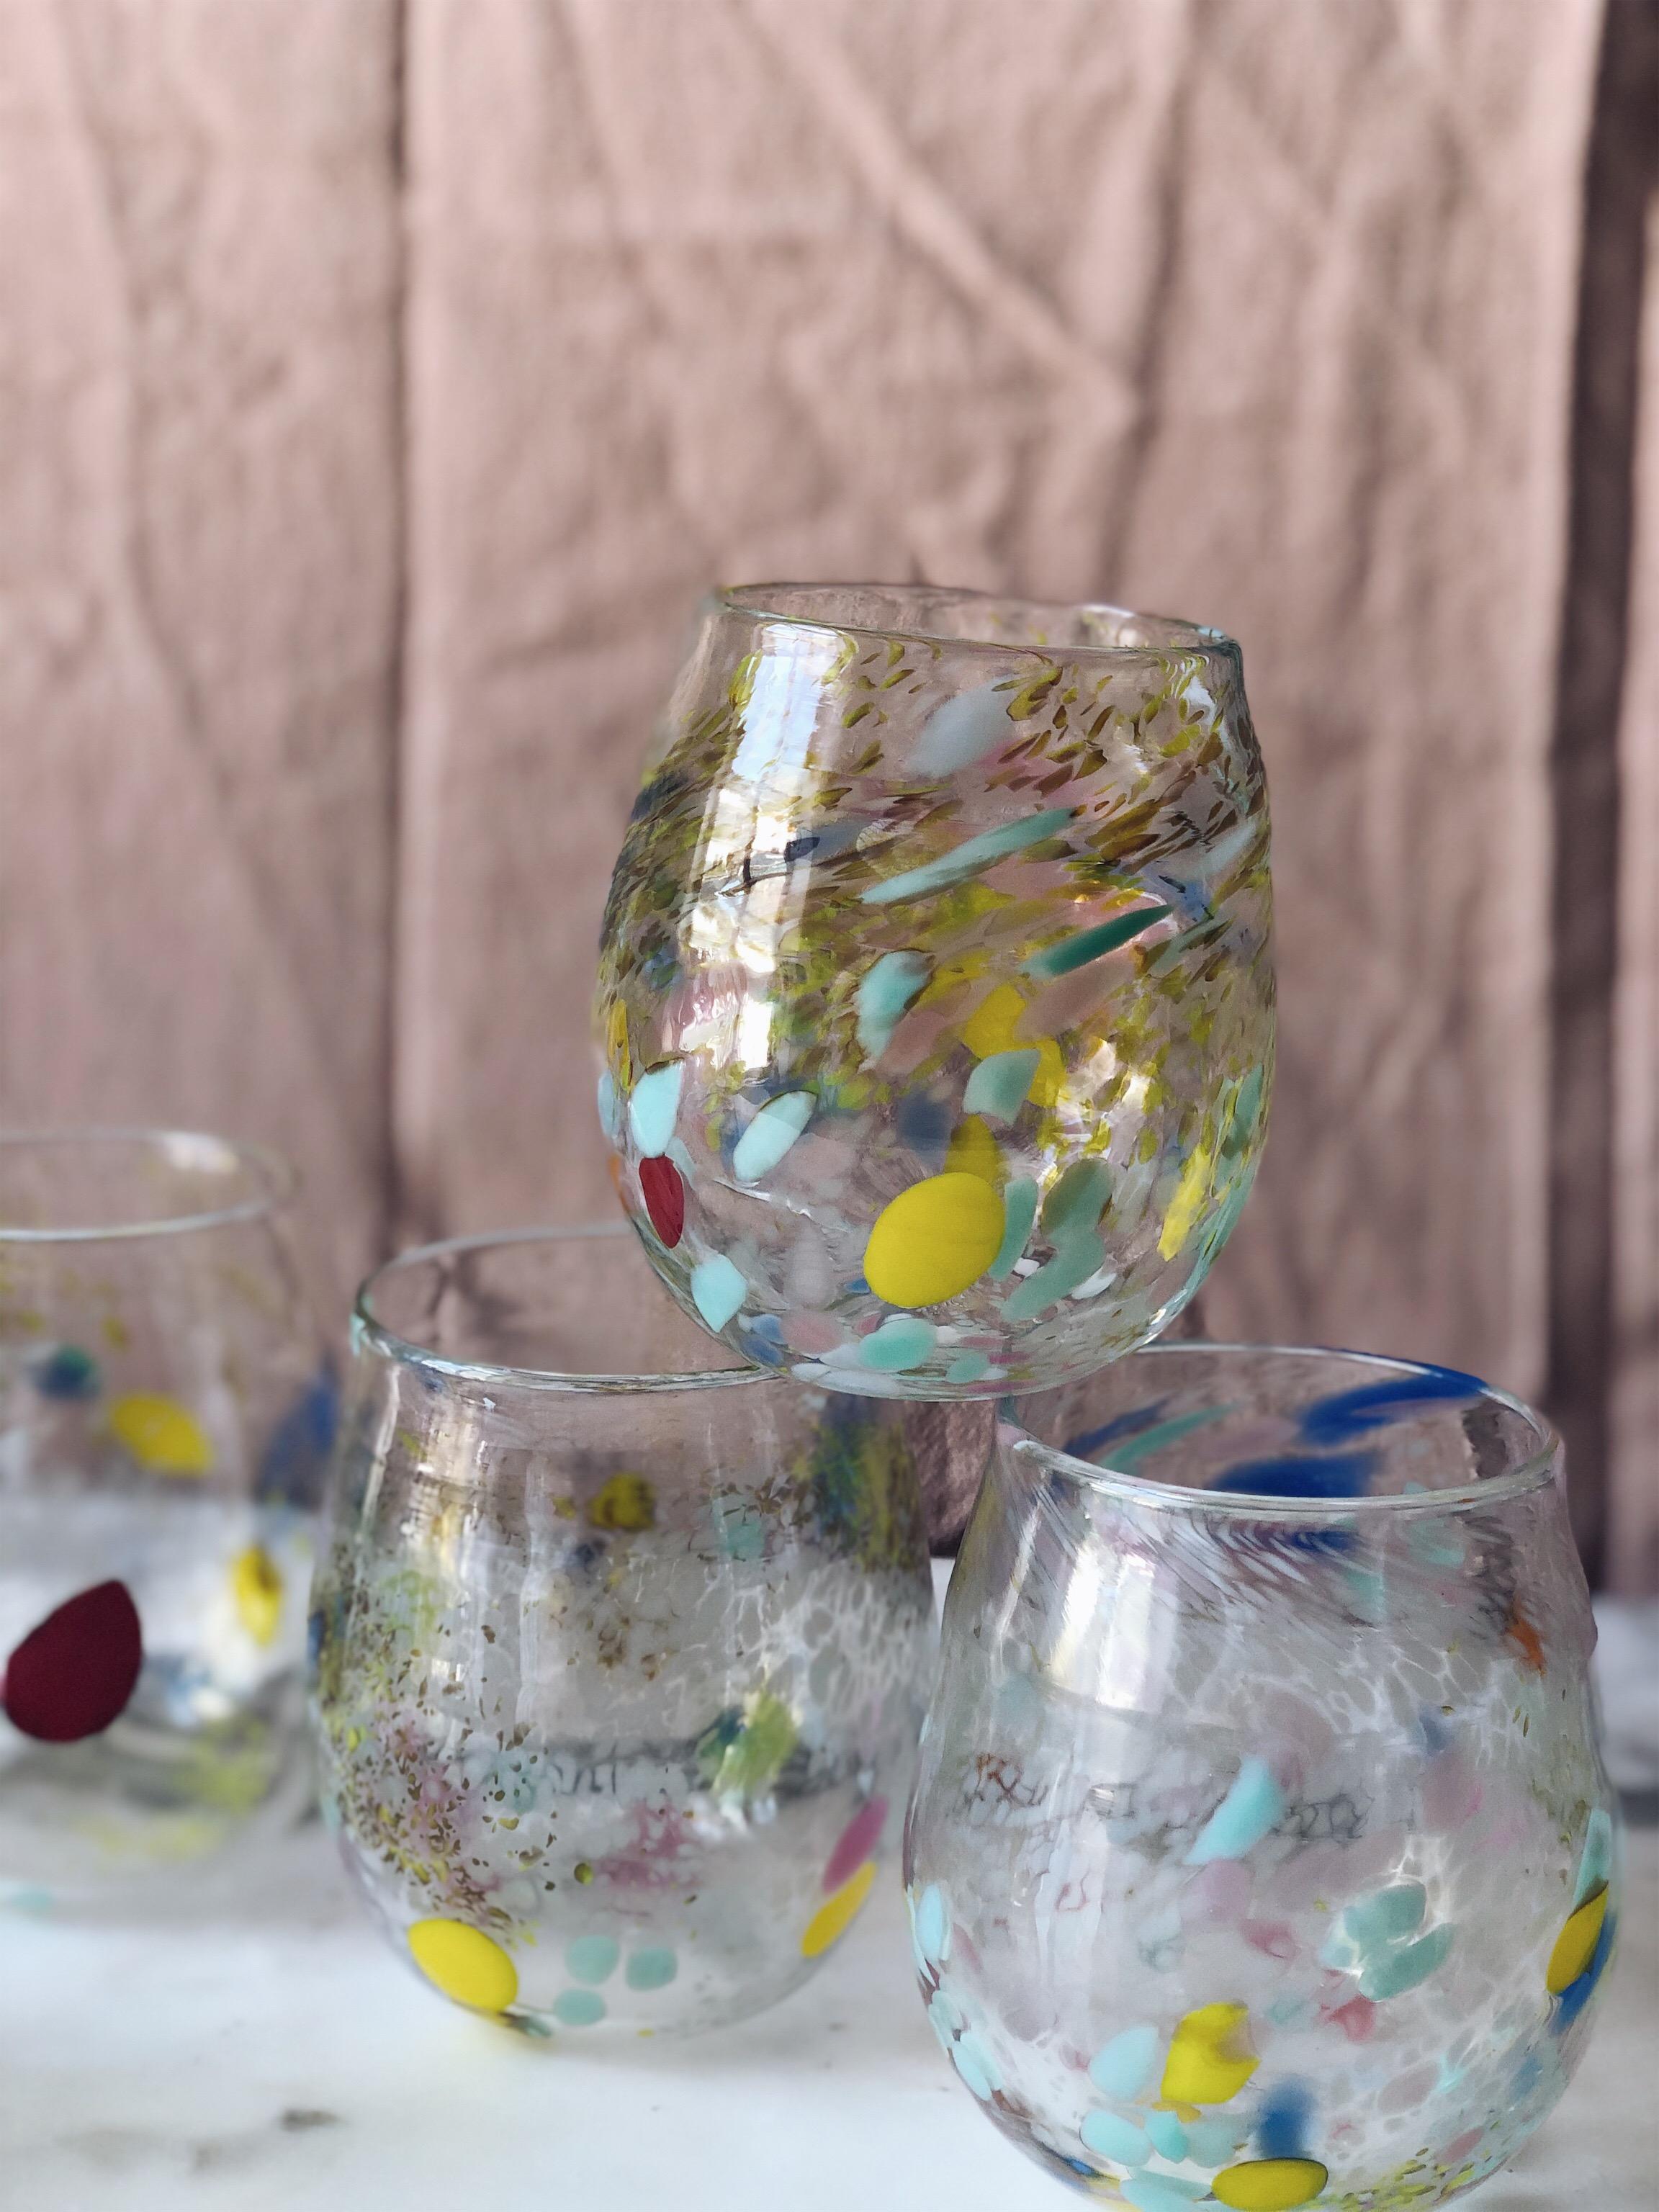 Fredag x Merete Rein, Glas, Store